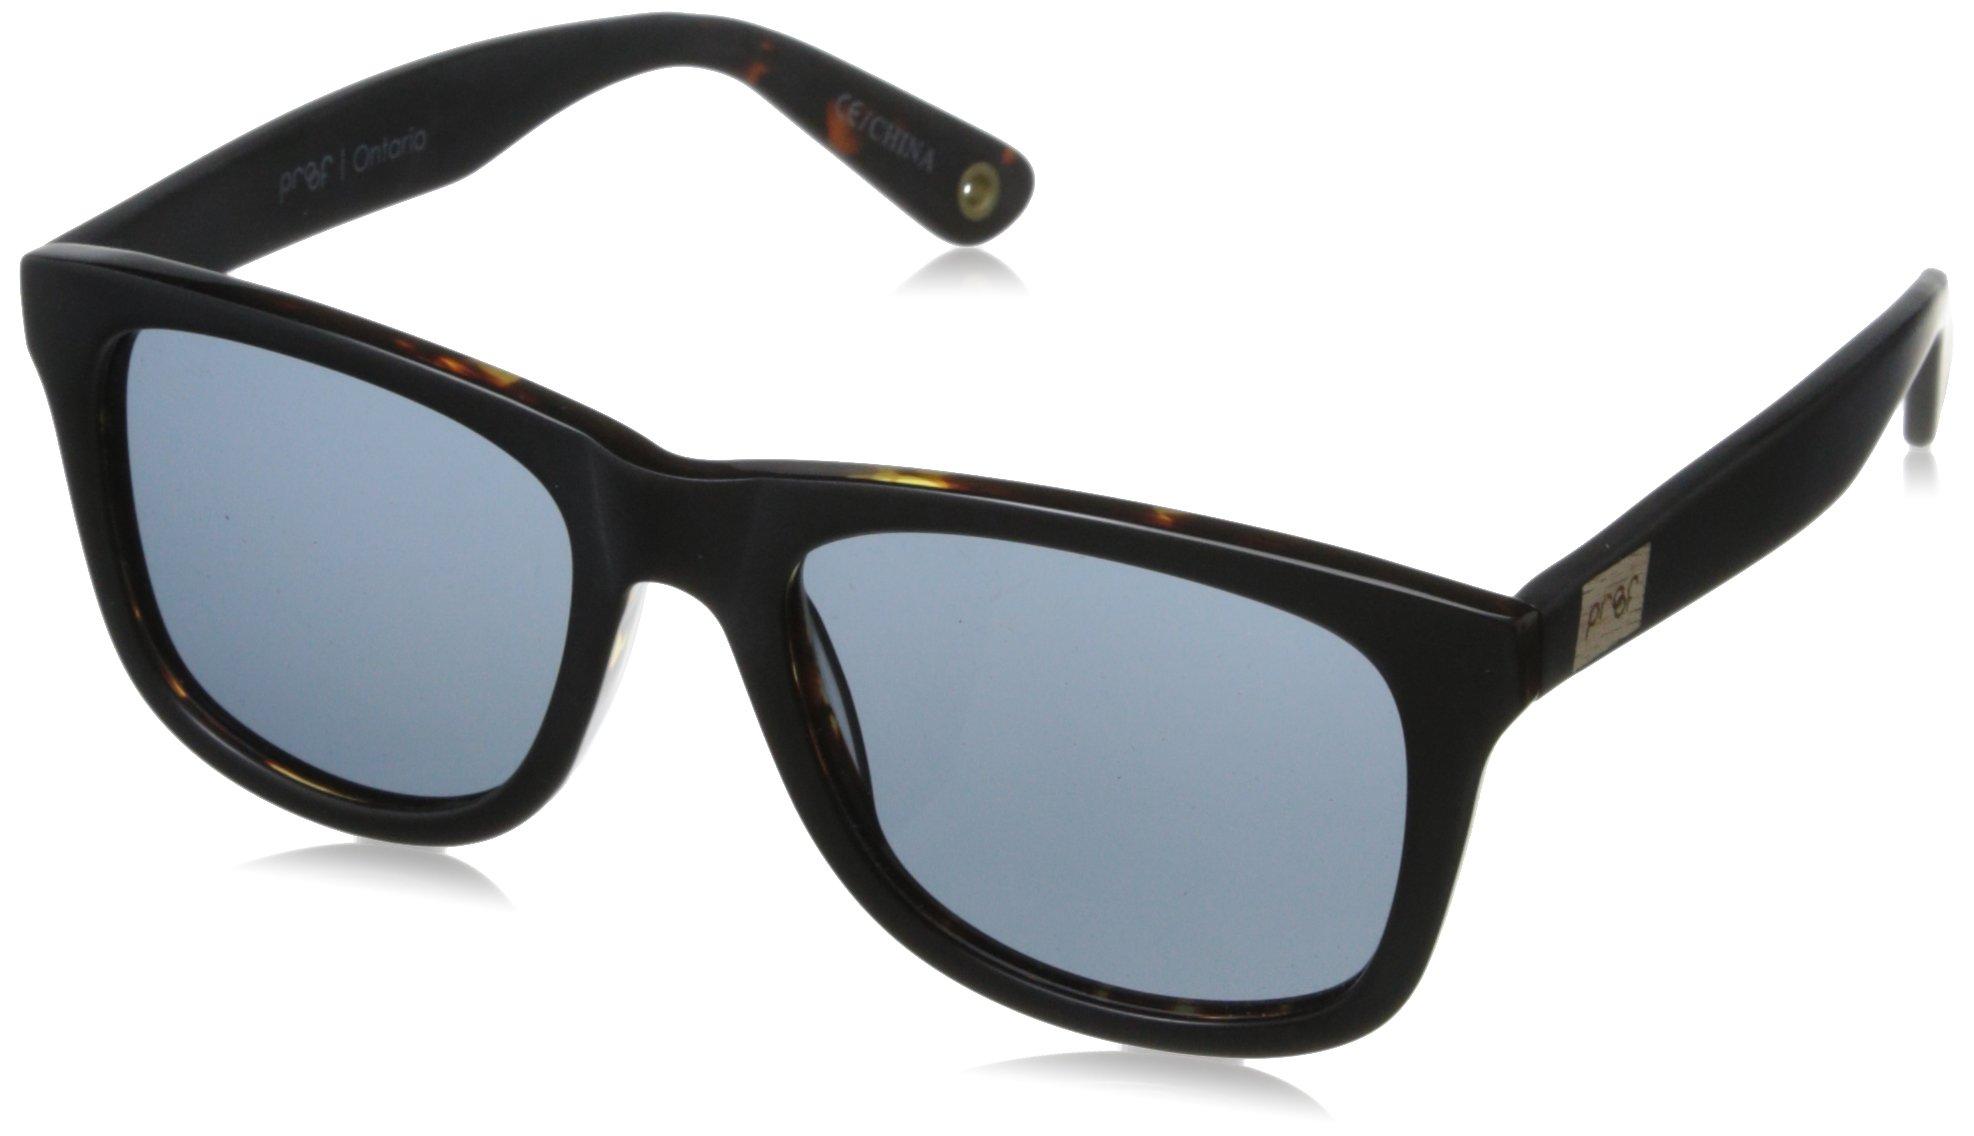 Proof Eyewear Unisex Ontario Pear Skate Wood Sunglasses Handcrafted Water Resistant,  Matte Black,  52 mm